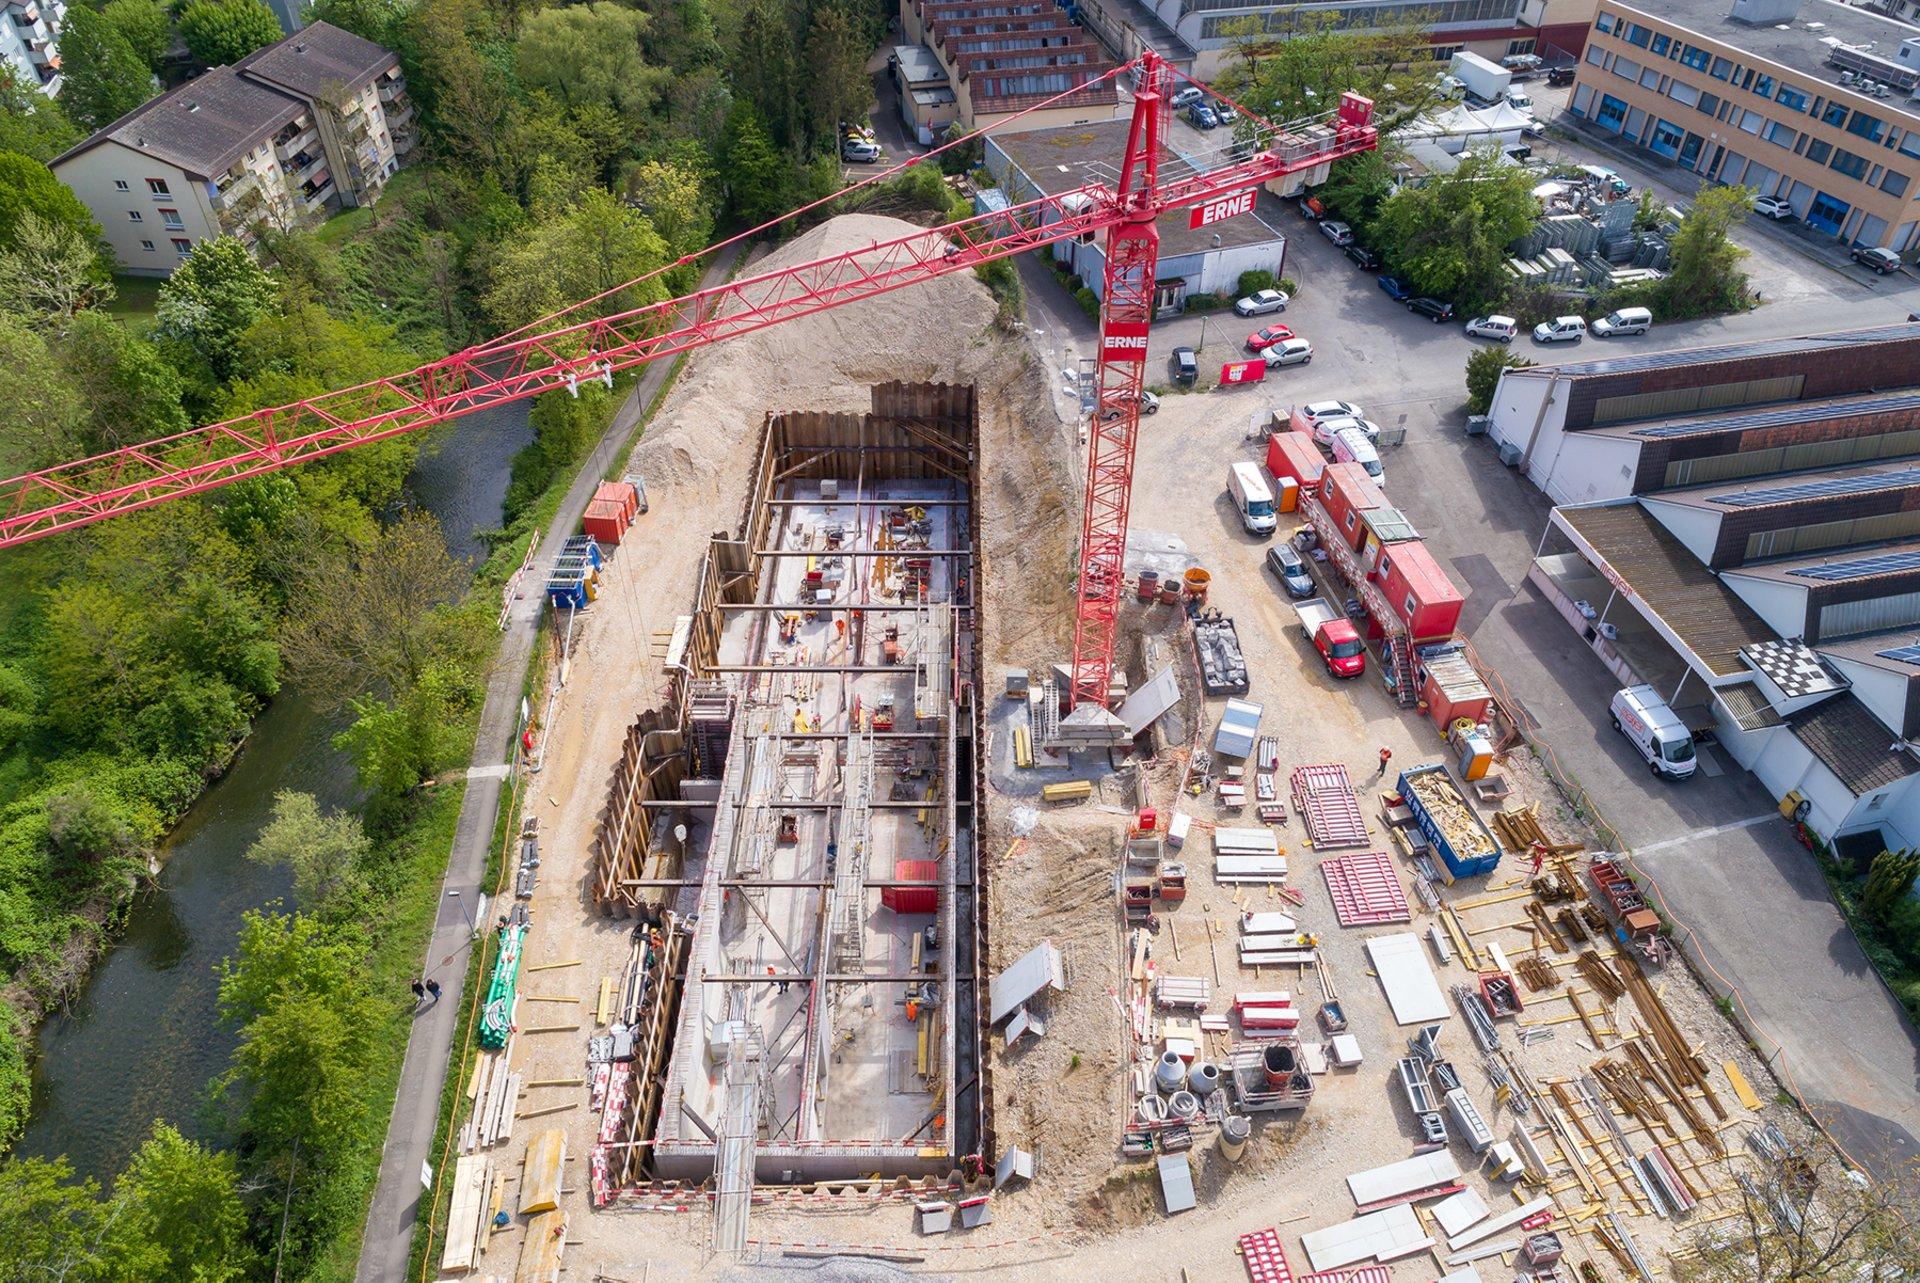 Unbacino di acque miste di classe extra a Weiermatt Liestal